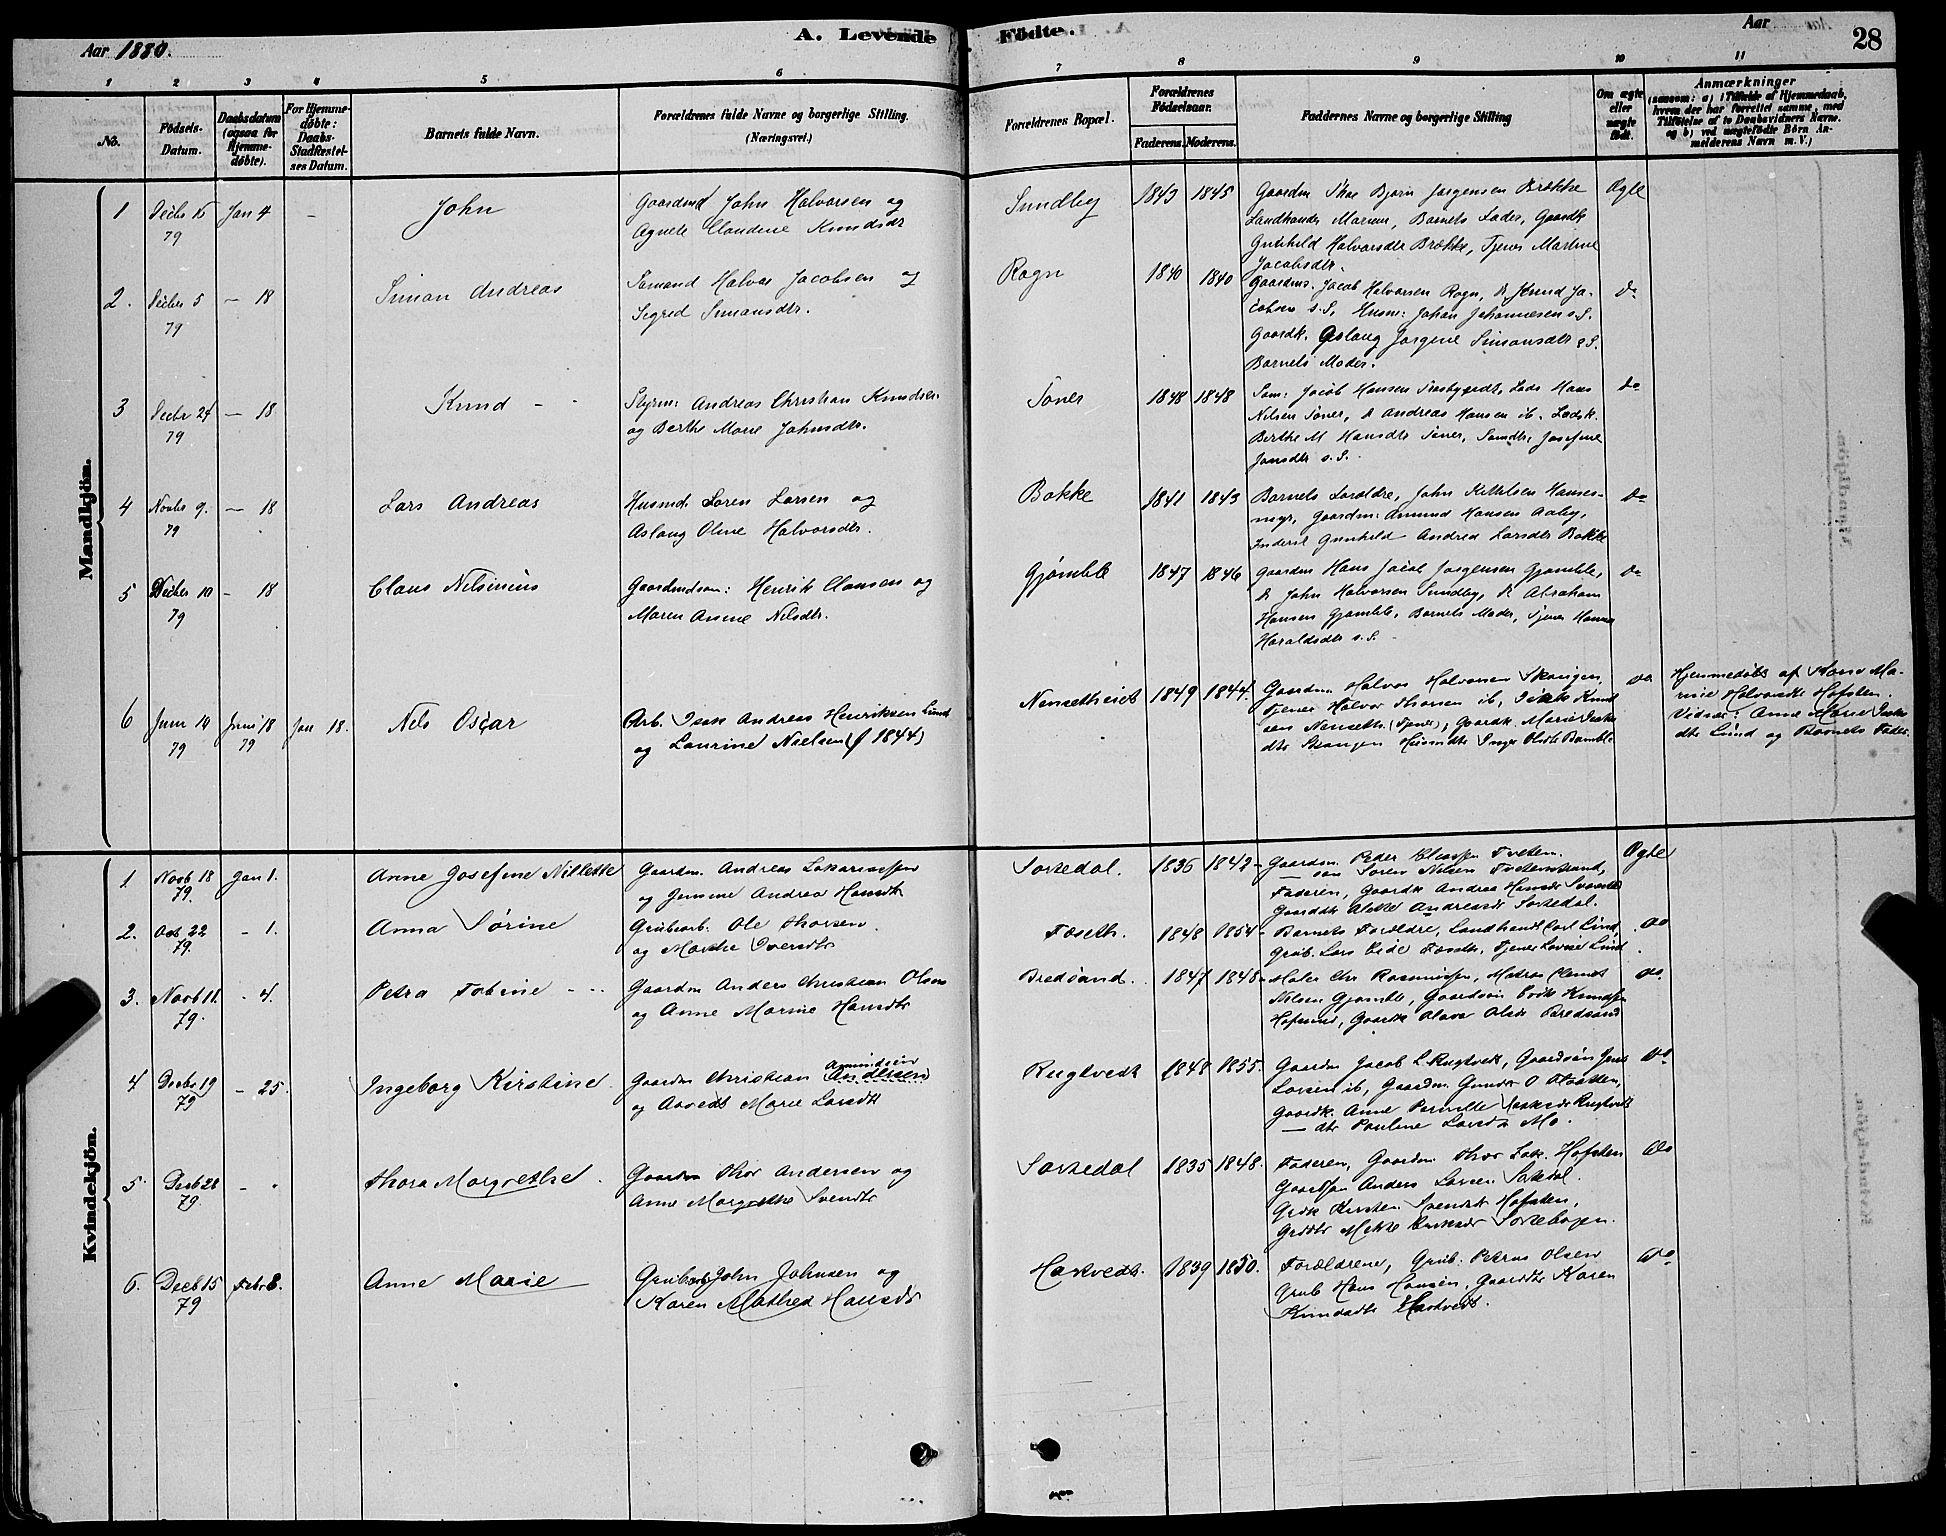 SAKO, Bamble kirkebøker, G/Ga/L0008: Klokkerbok nr. I 8, 1878-1888, s. 28